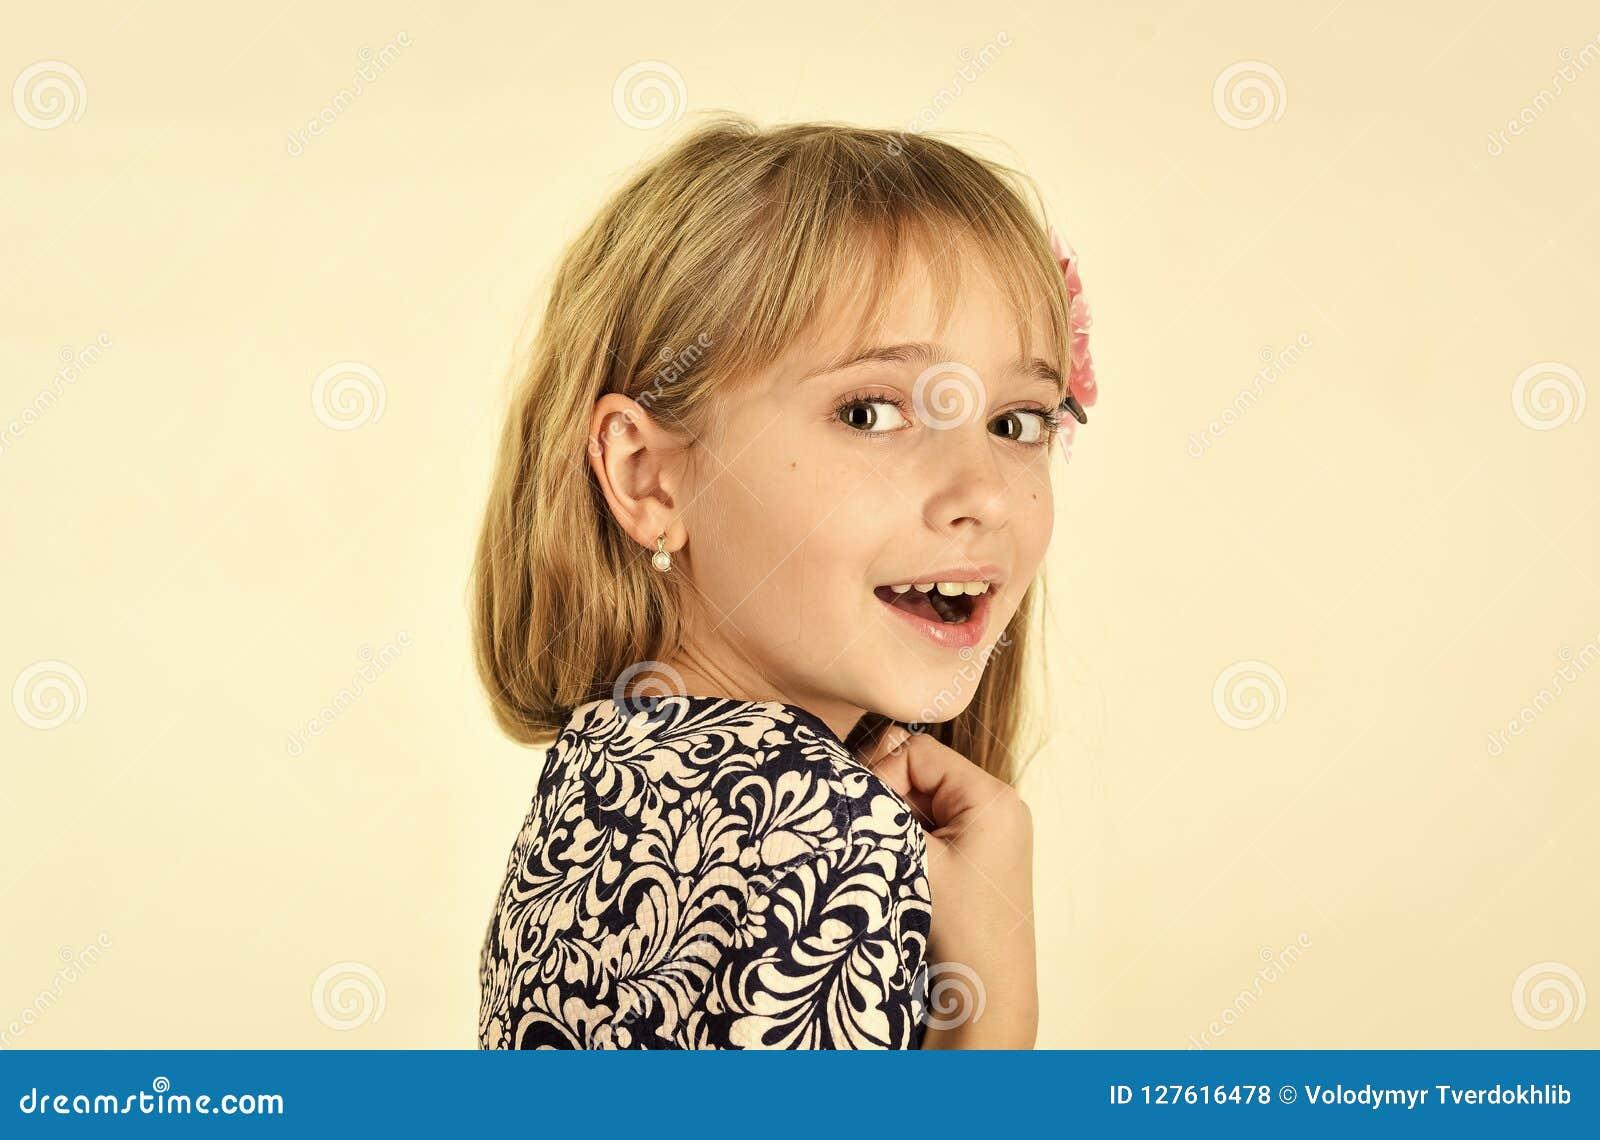 Infância e felicidade infância da menina pequena da criança